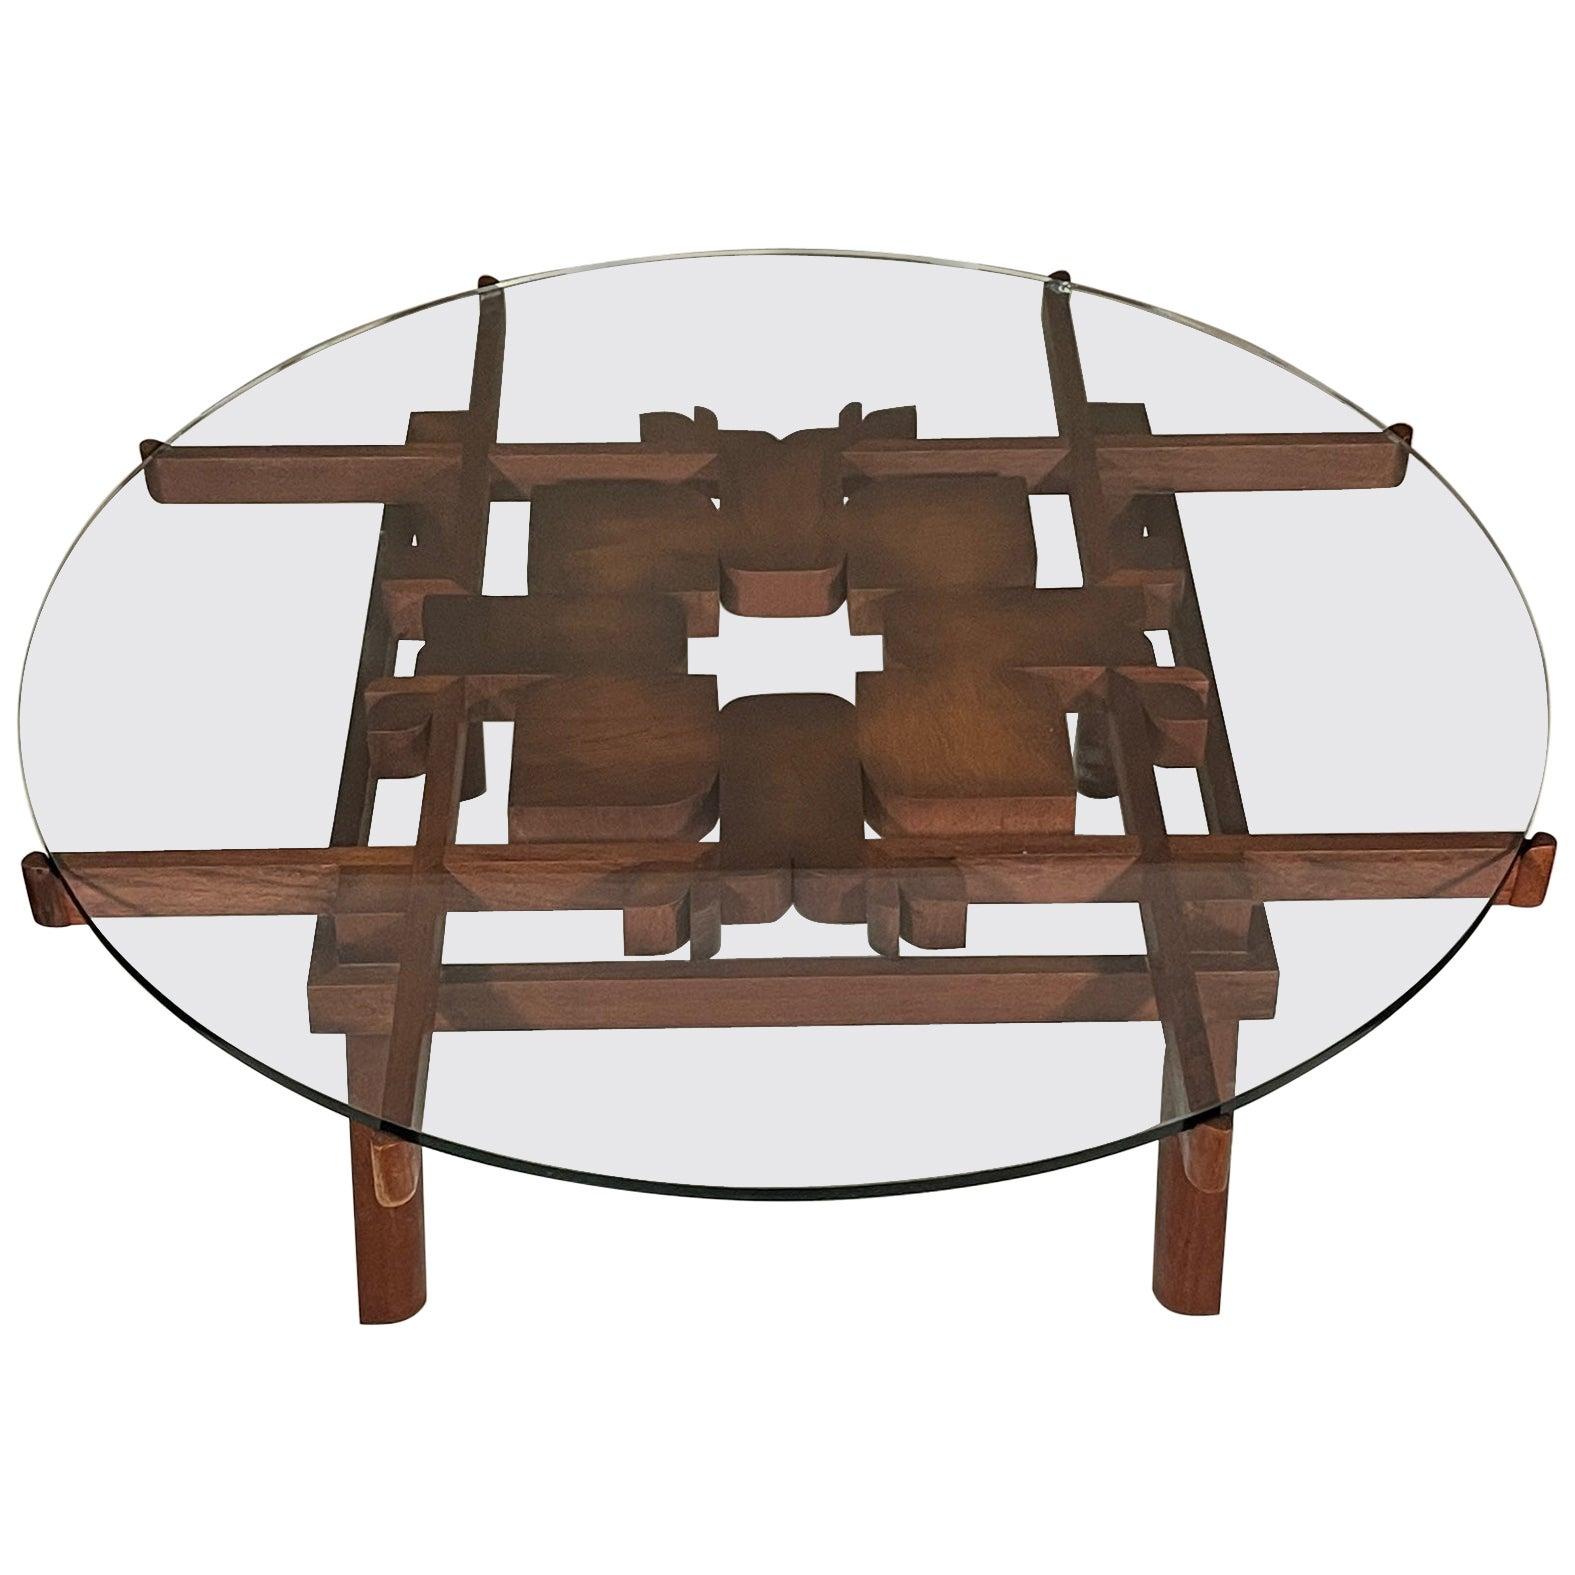 An Unusual Dunbar Coffee Table